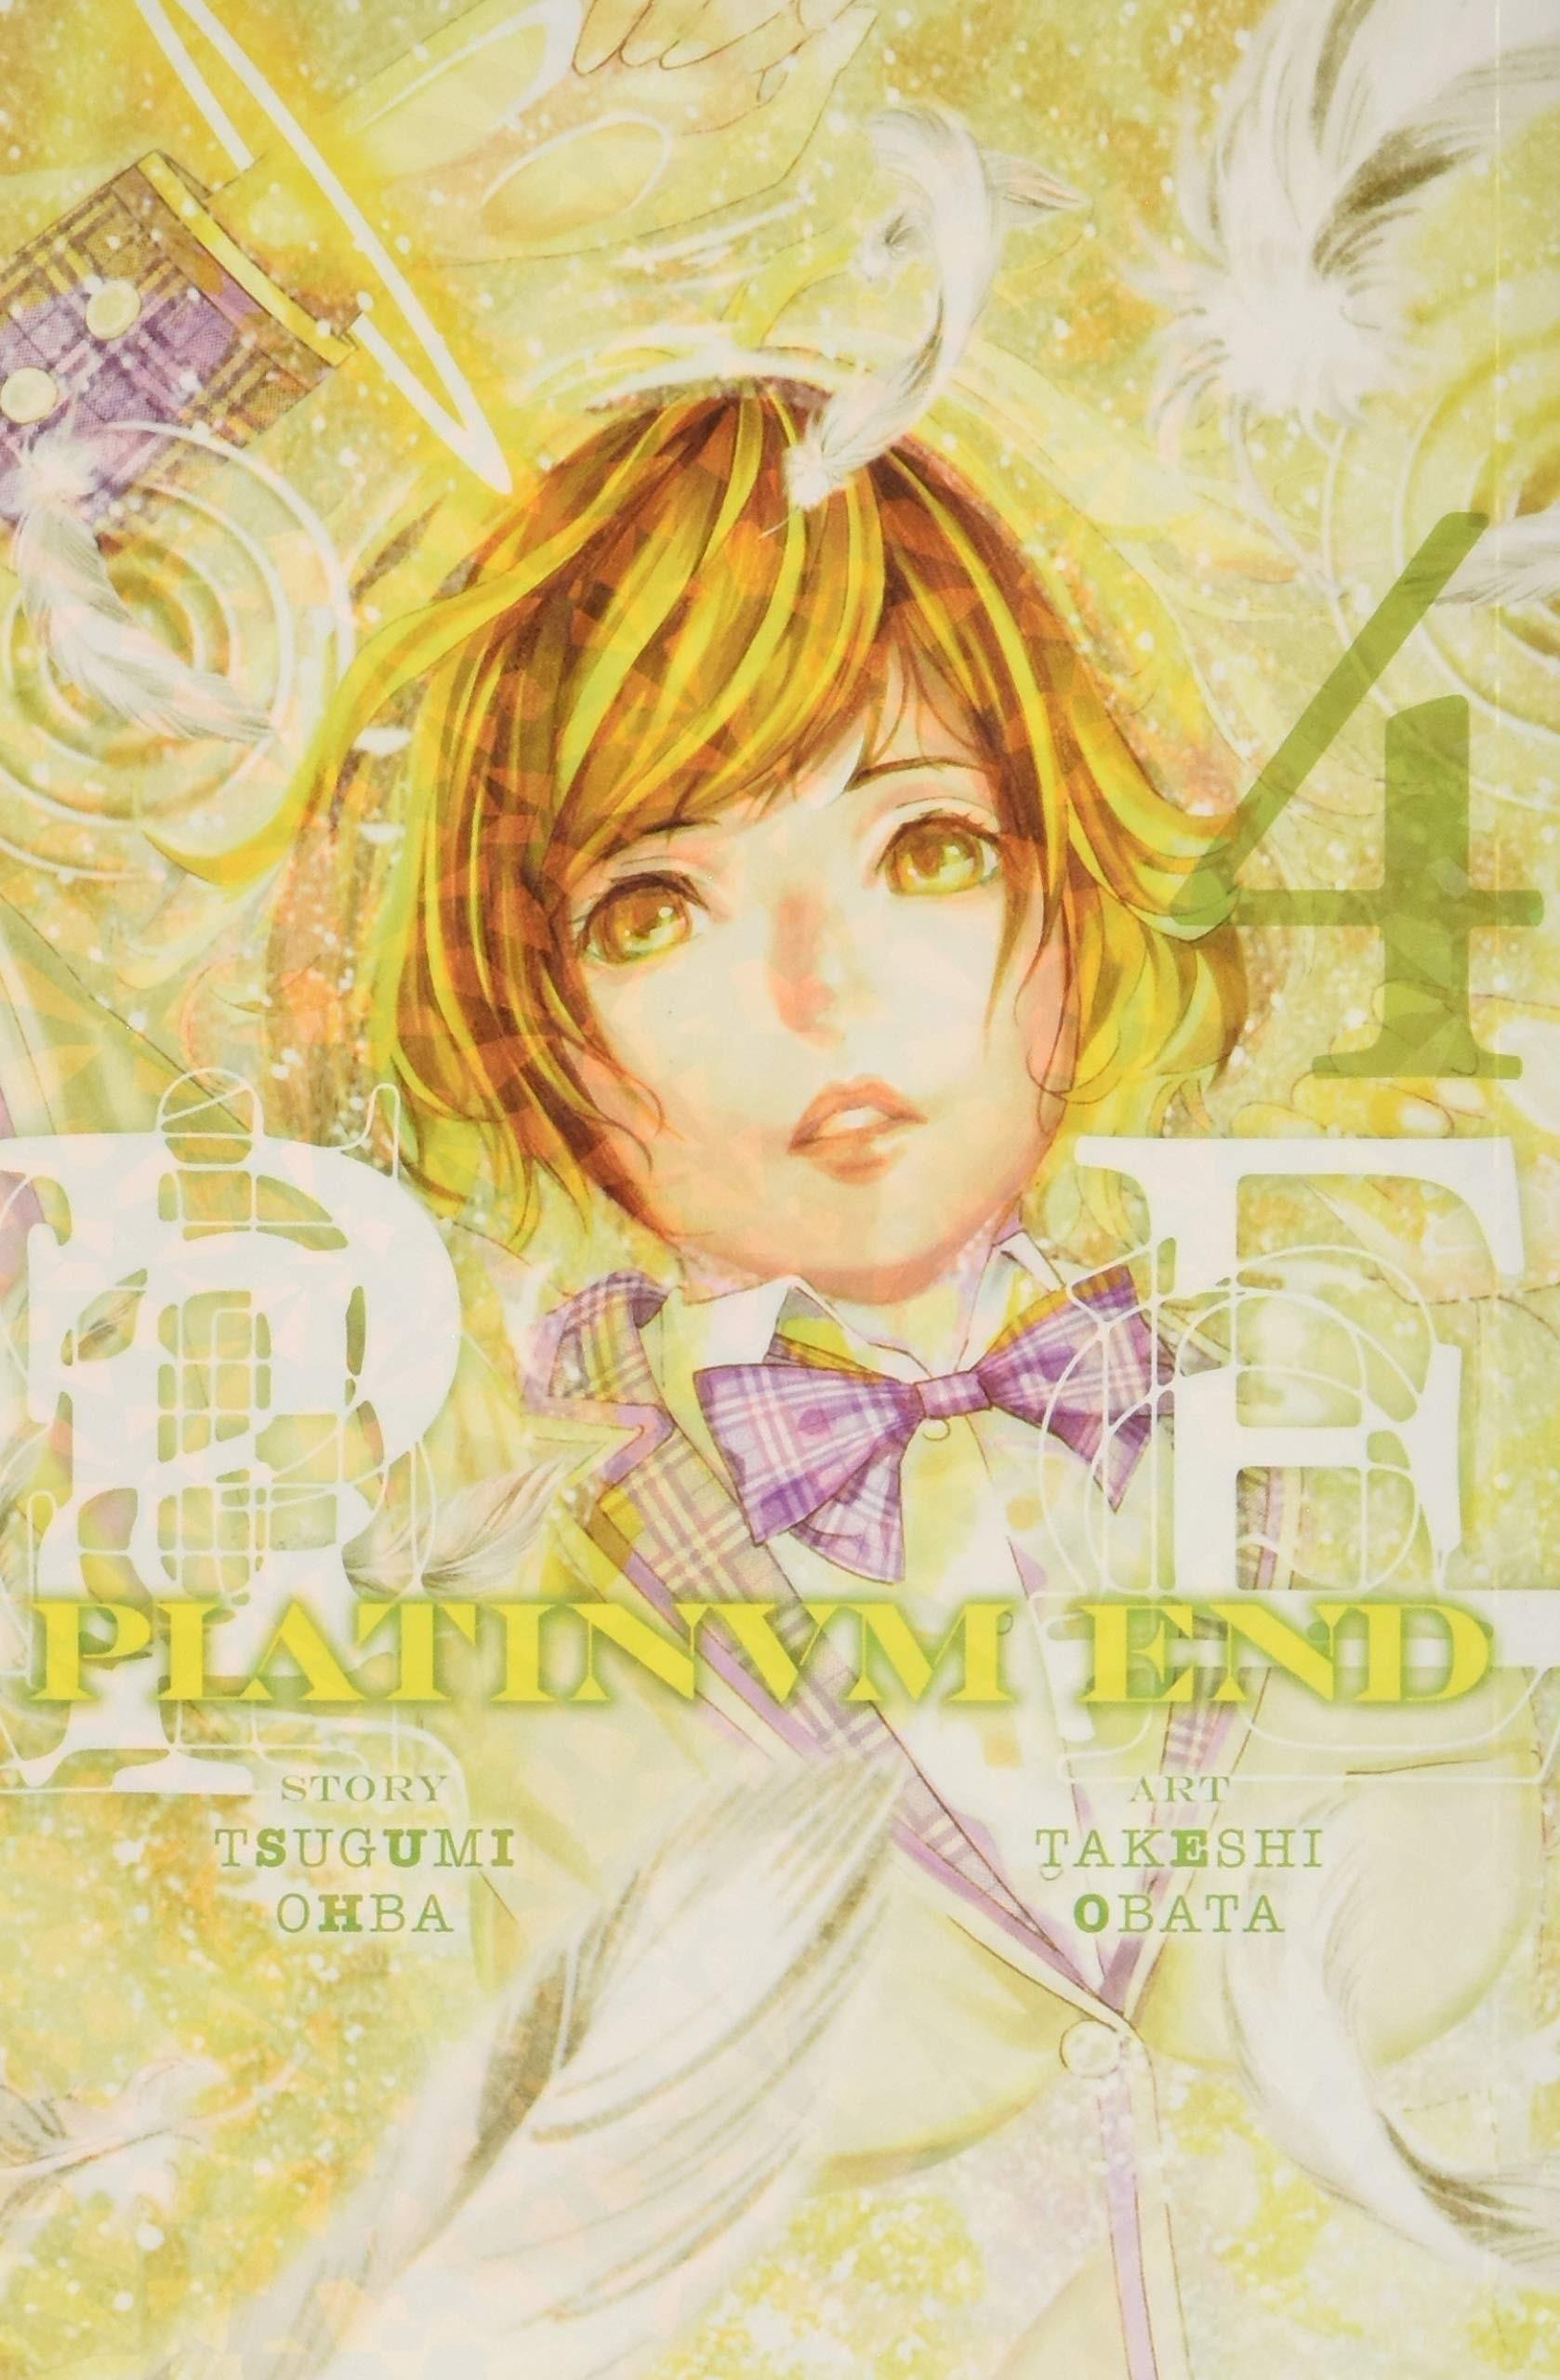 Platinum End, Vol. 04